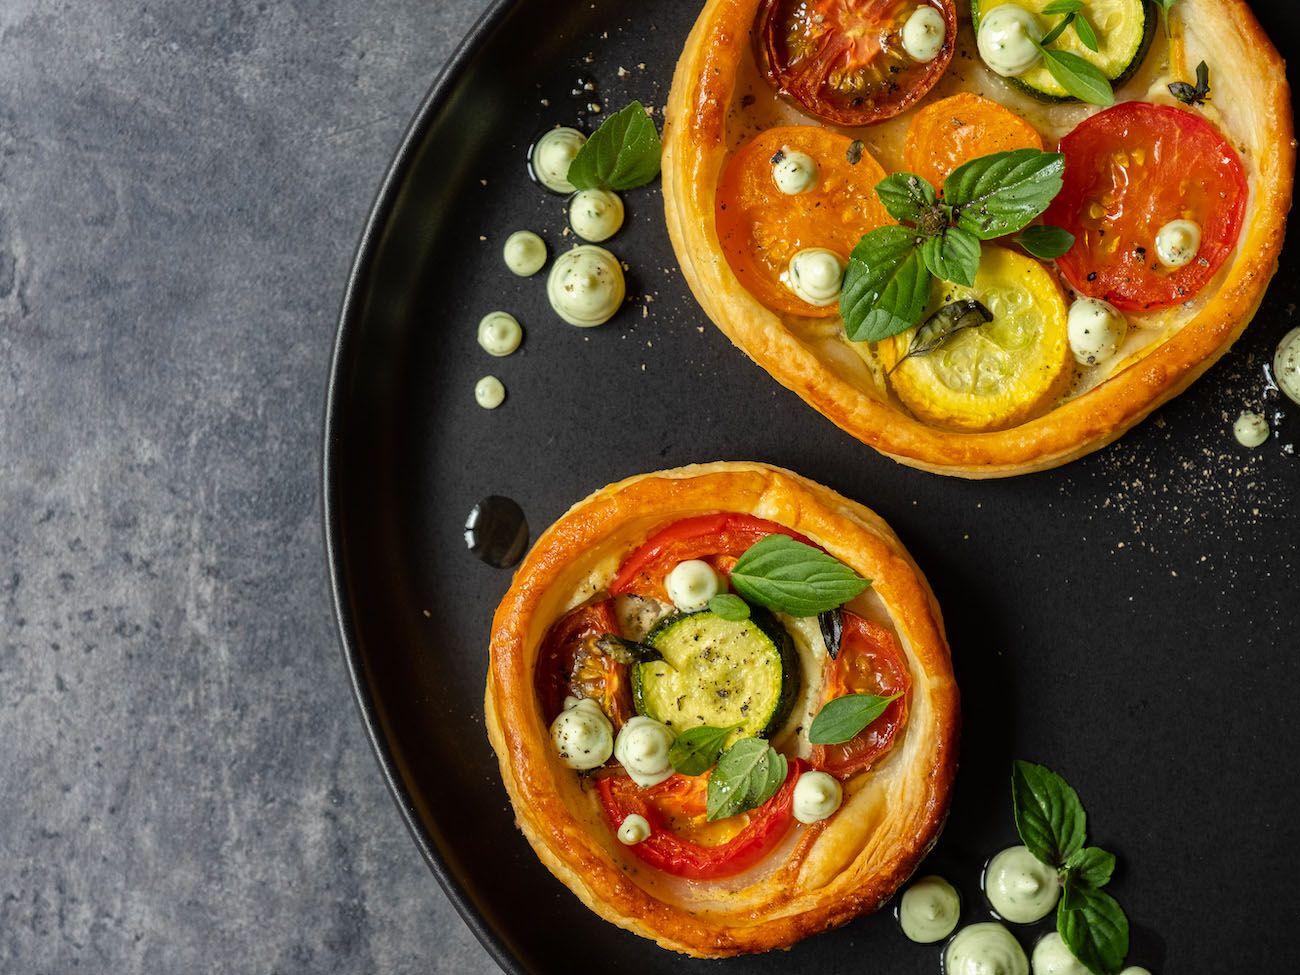 Rezept, Foodblog, About Fuel, Tomaten Zucchini Tartelettes mit Basilikum Feta Creme, Blätterteig, Pfeffer